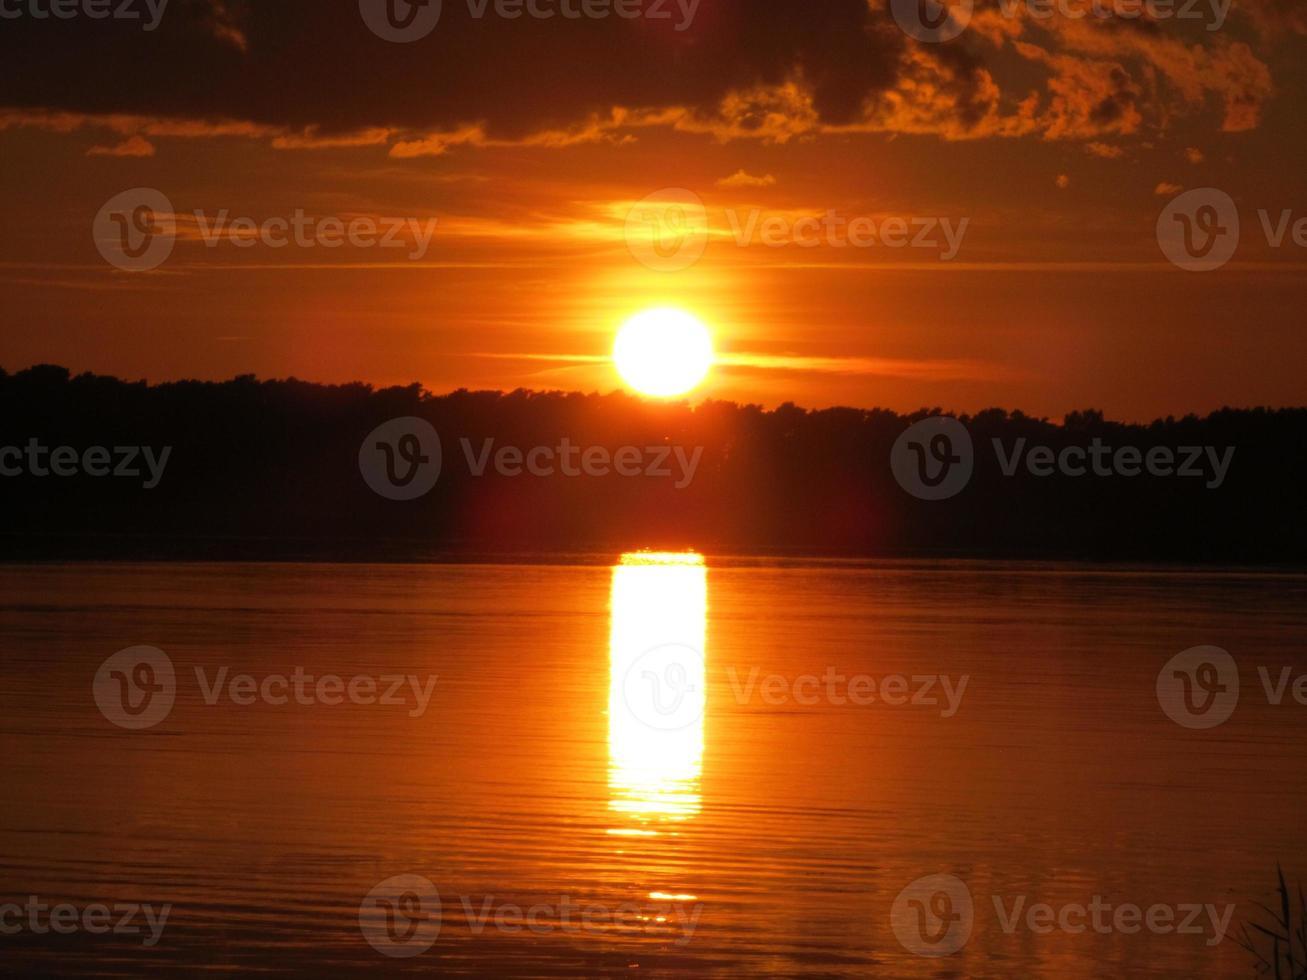 puesta de sol sobre el agua, el cielo se está quemando y el mar Báltico foto